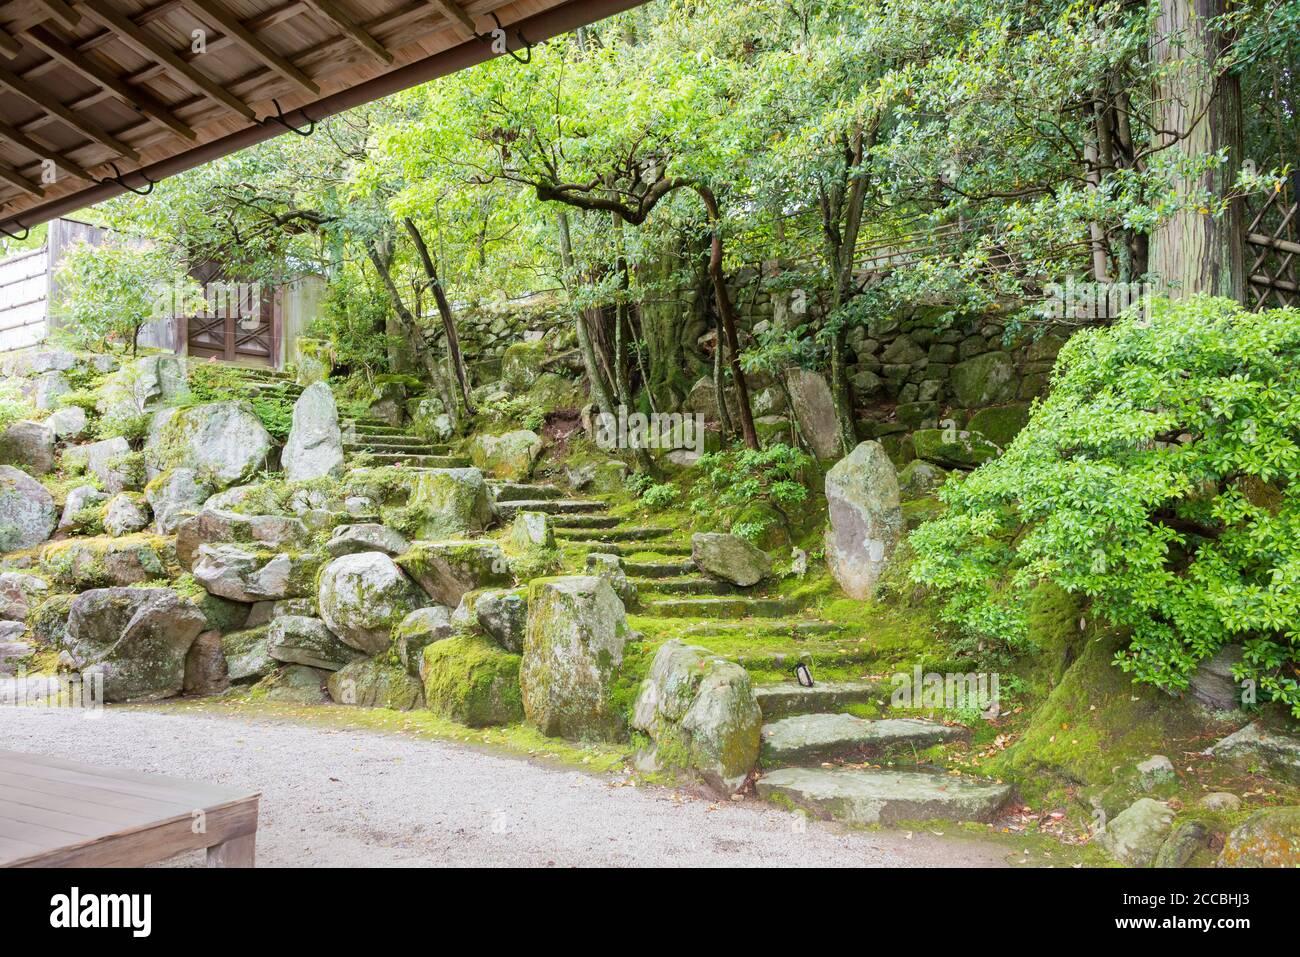 Jardin du milieu à la villa impériale de Shugakuin (Shugakuin Rikyu) à Kyoto, Japon. Il a été construit à l'origine par l'empereur retraité Go-Mizunoo. Banque D'Images